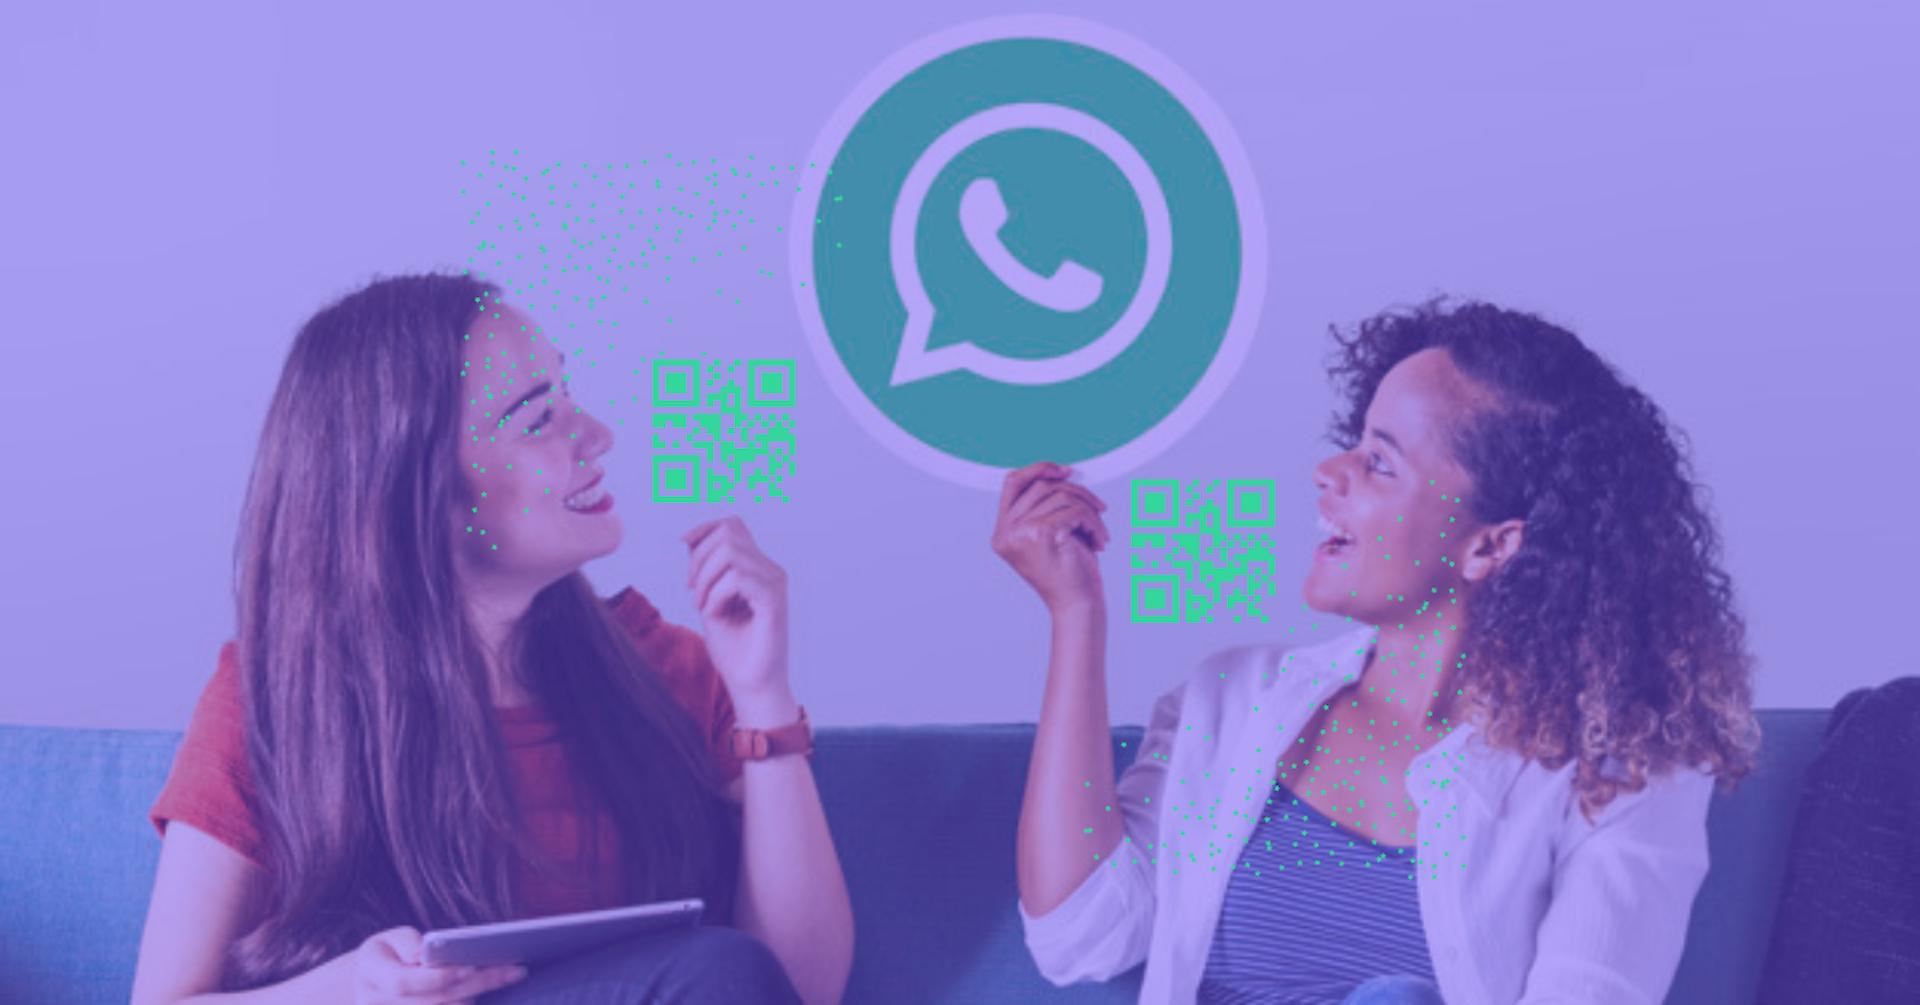 ¿No utilizas el código QR de WhatsApp? 3 razones para usarlo